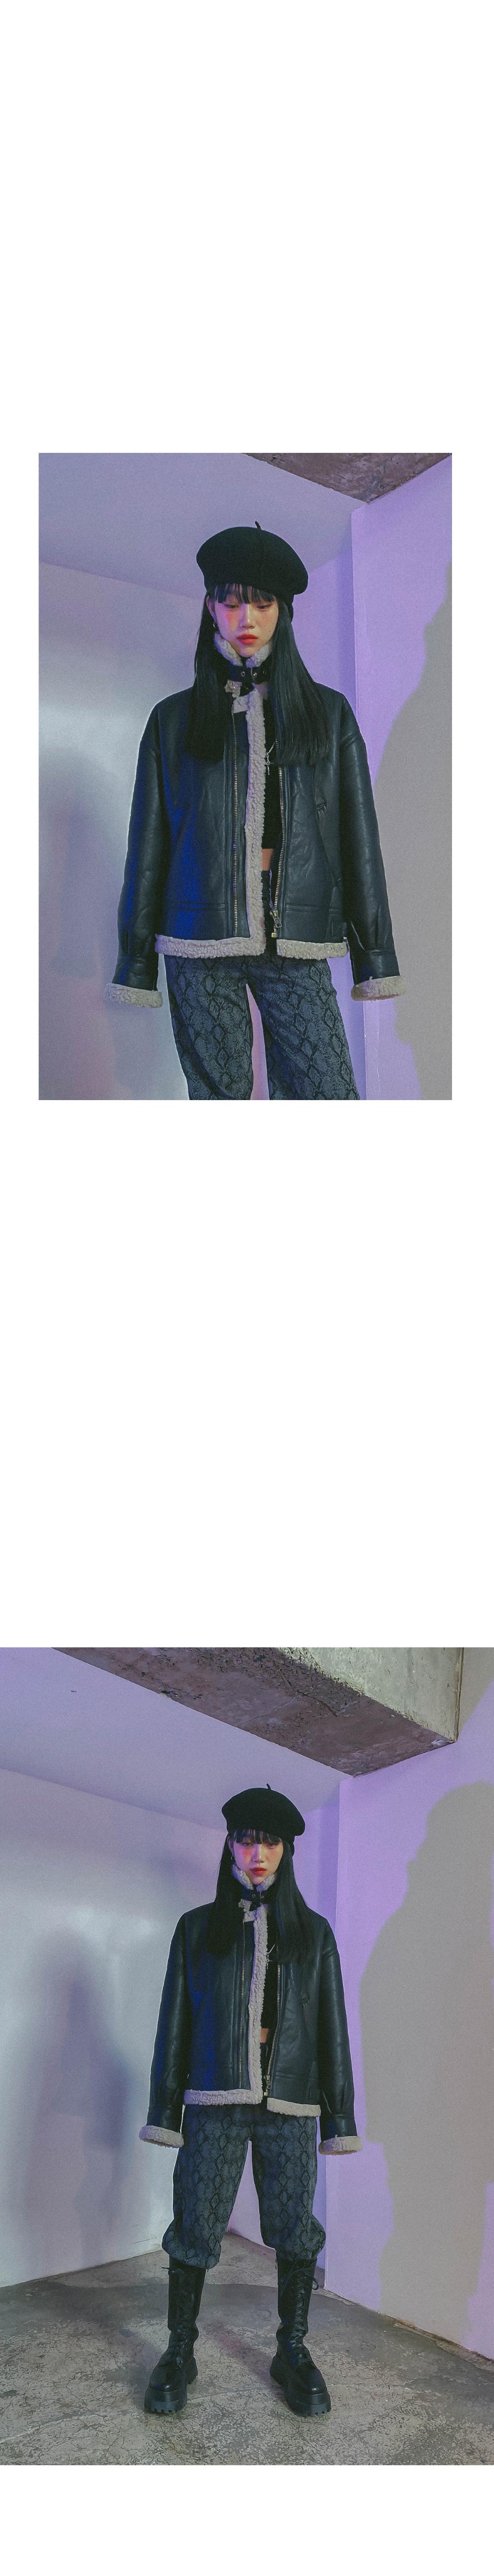 accessories lavender color image-S1L8